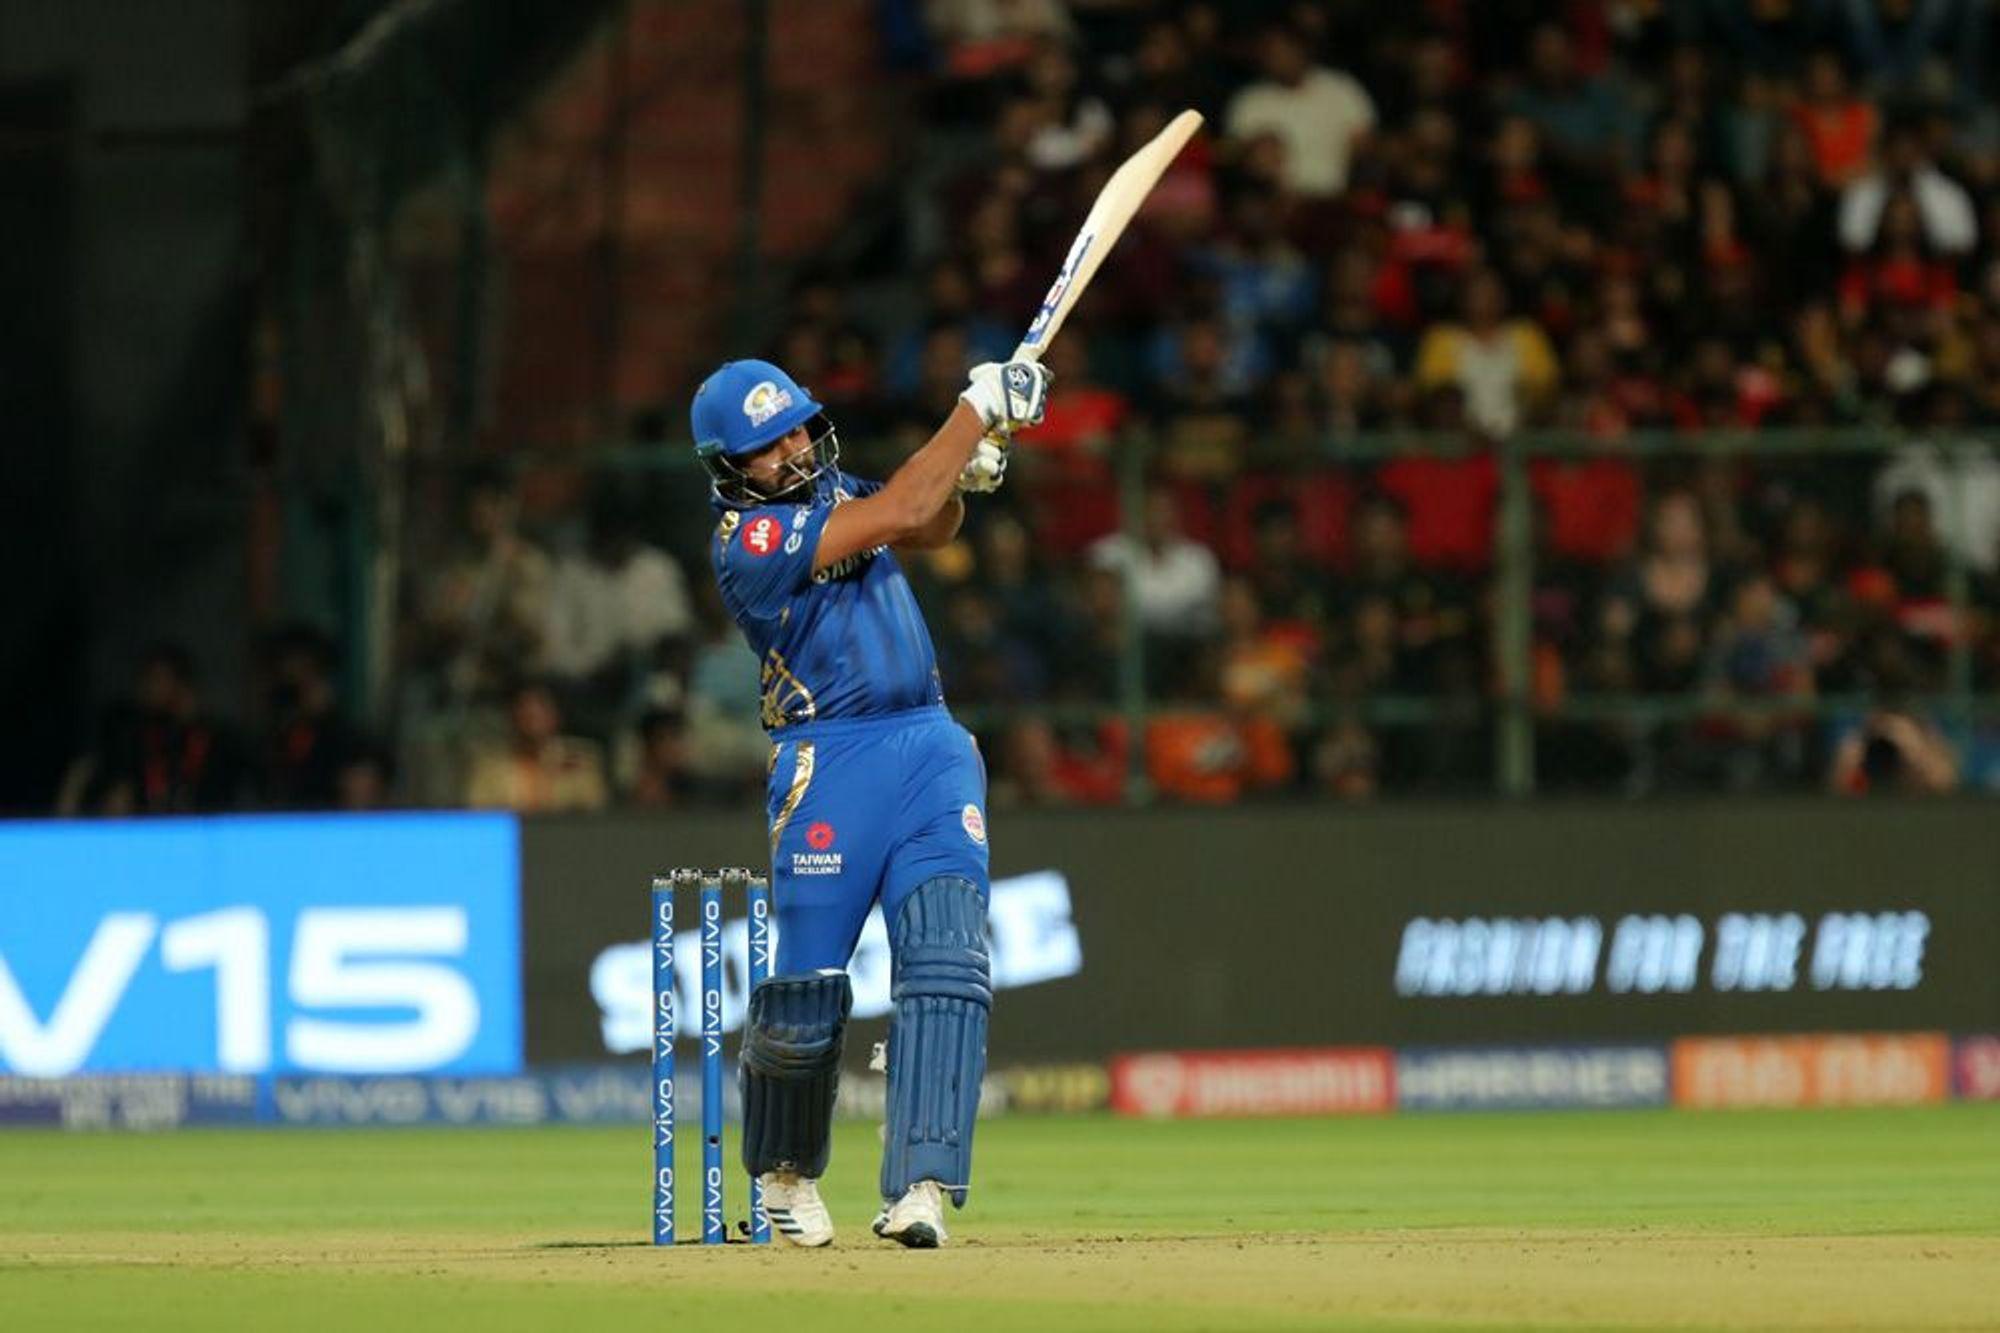 यात मुंबई इंडियन्सचा कर्णधार रोहित शर्माने 176 सामन्यात 185 षटकार खेचले आहेत.